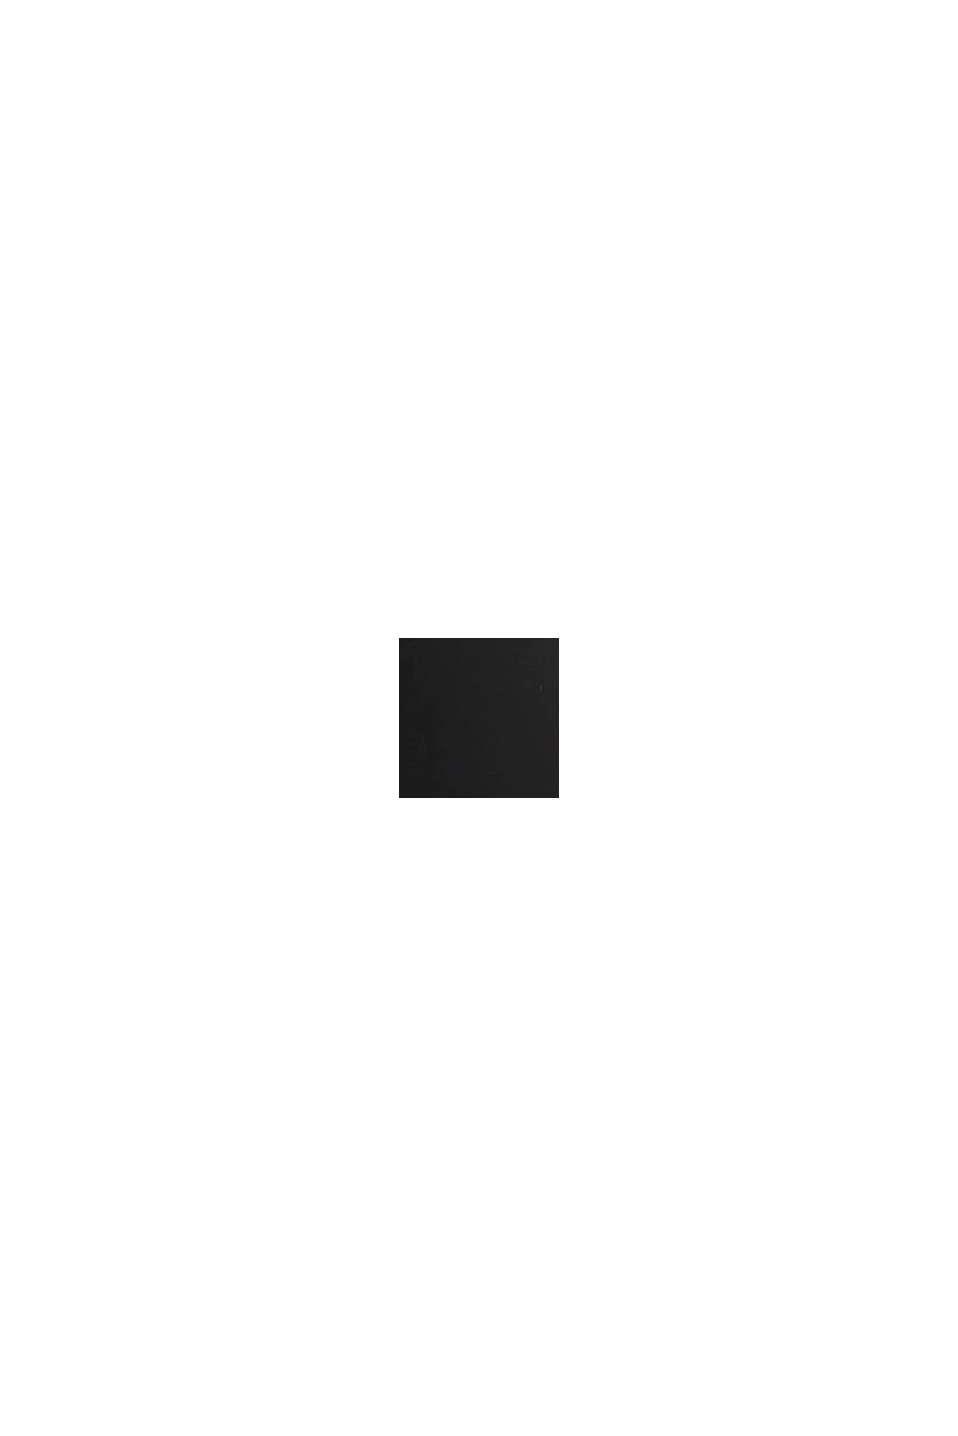 En cuir: la ceinture à boucle ornée du logo, BLACK, swatch